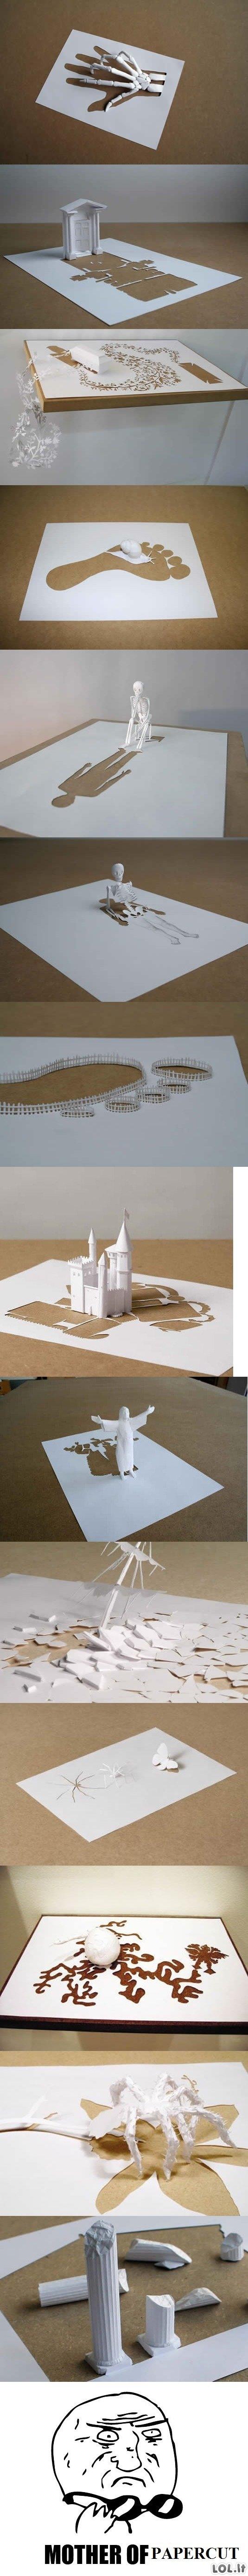 Popieriaus menas